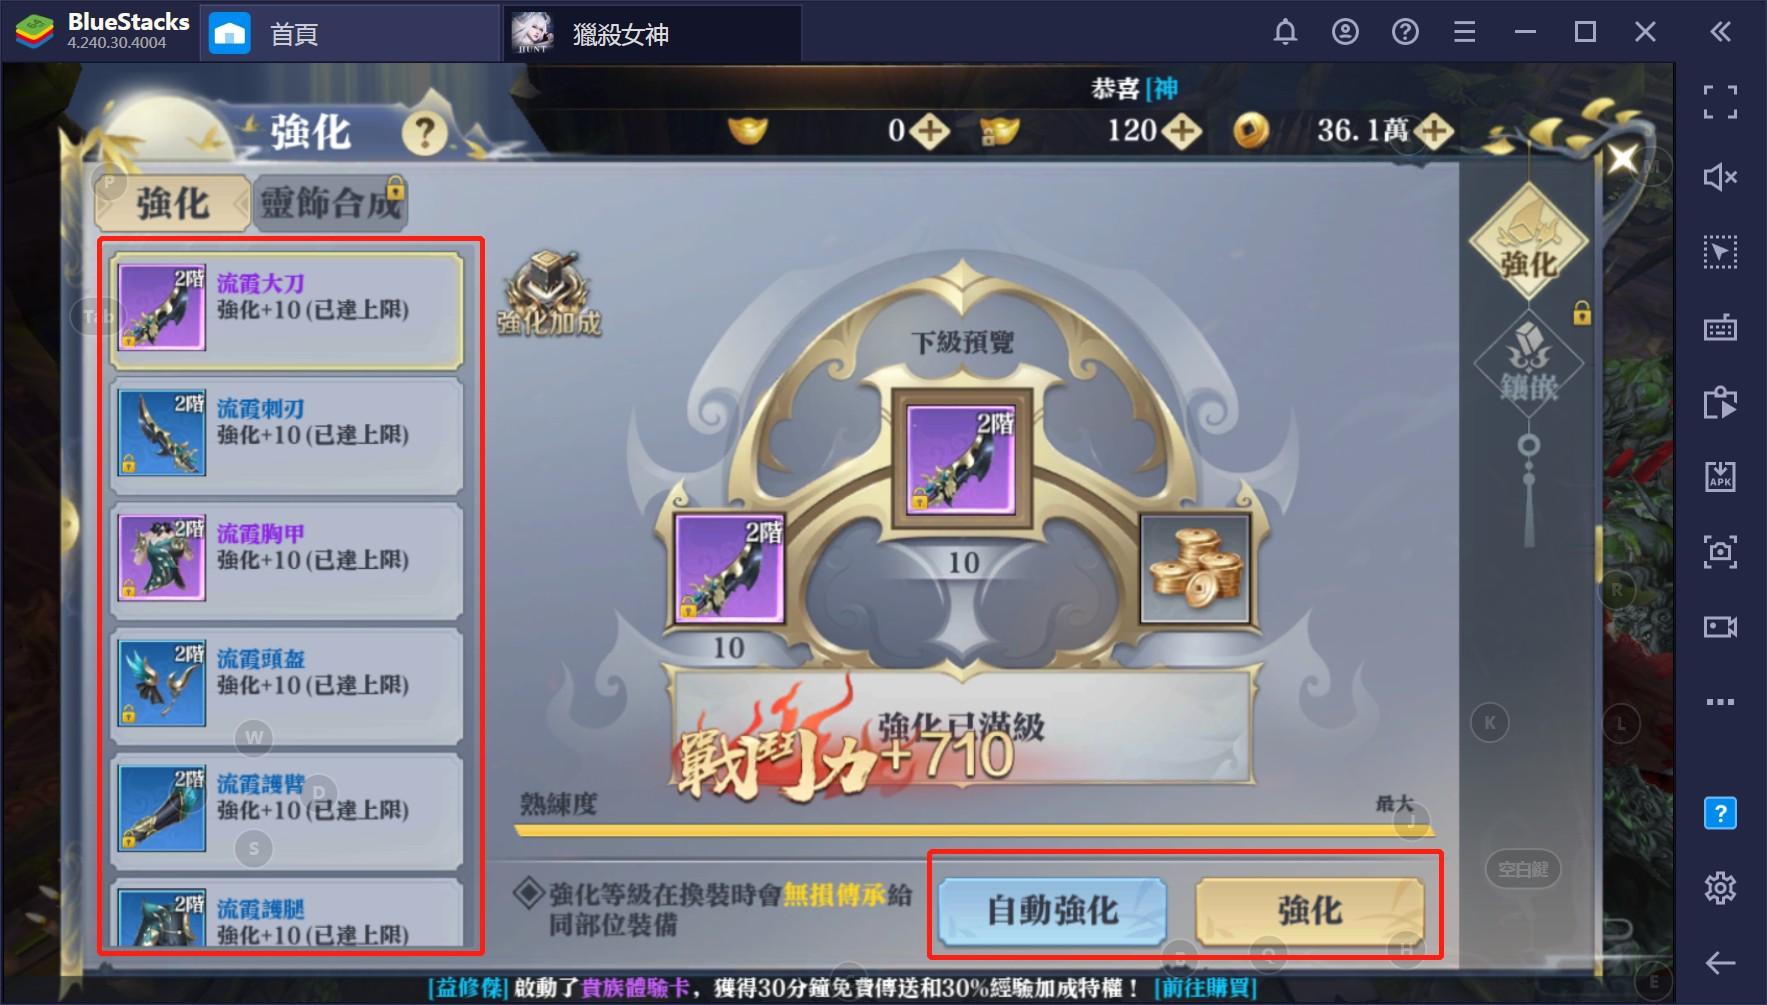 使用BlueStacks在PC上遊玩全新魔幻手機遊戲《獵殺女神》